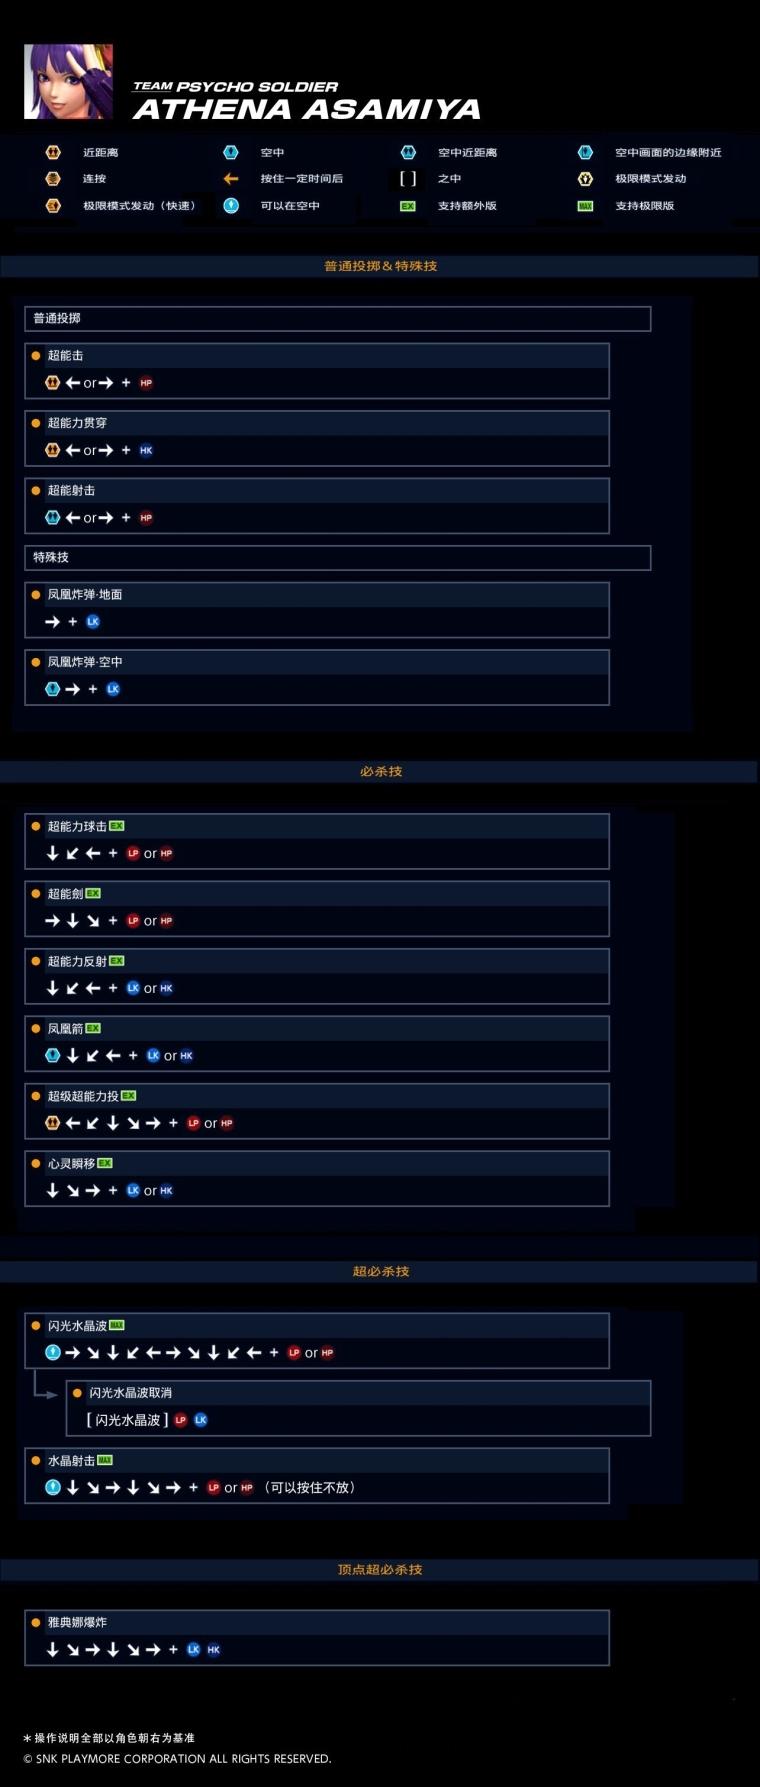 拳皇14麻宫雅典娜出招表 爆衣用必杀技太诱人